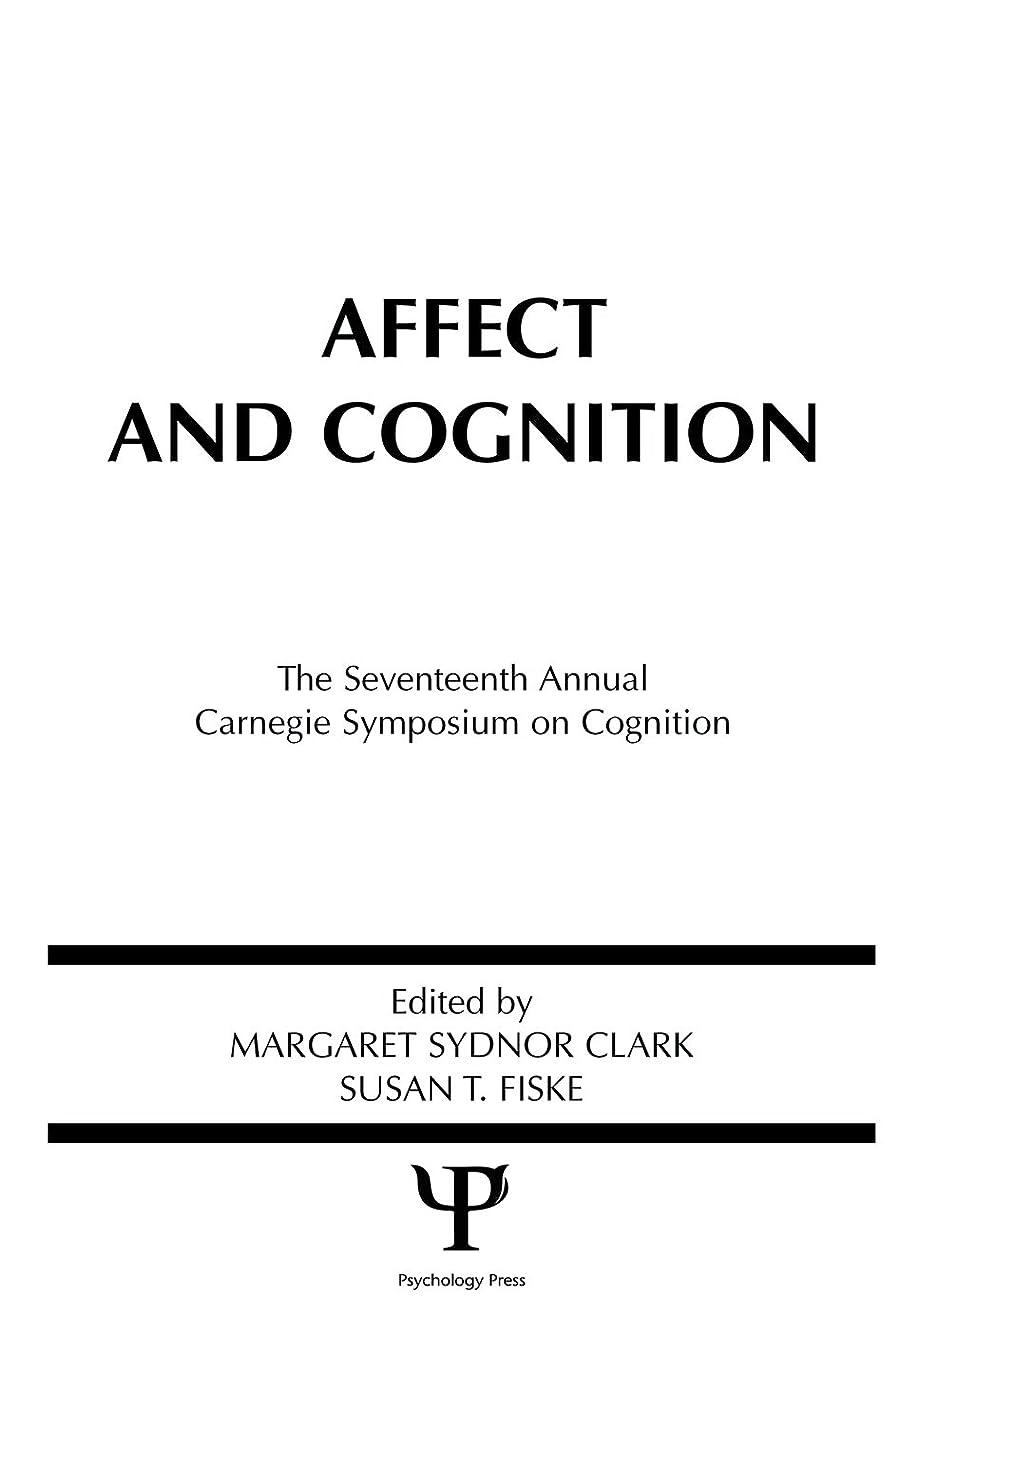 知覚できる置換君主Affect and Cognition: 17th Annual Carnegie Mellon Symposium on Cognition (Carnegie Mellon Symposia on Cognition Series) (English Edition)